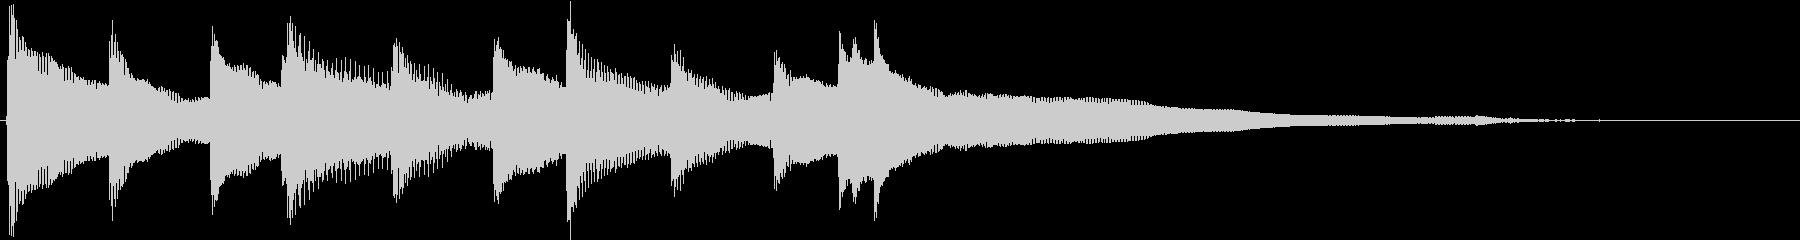 オープニング系 スタイリッシュなピアノの未再生の波形